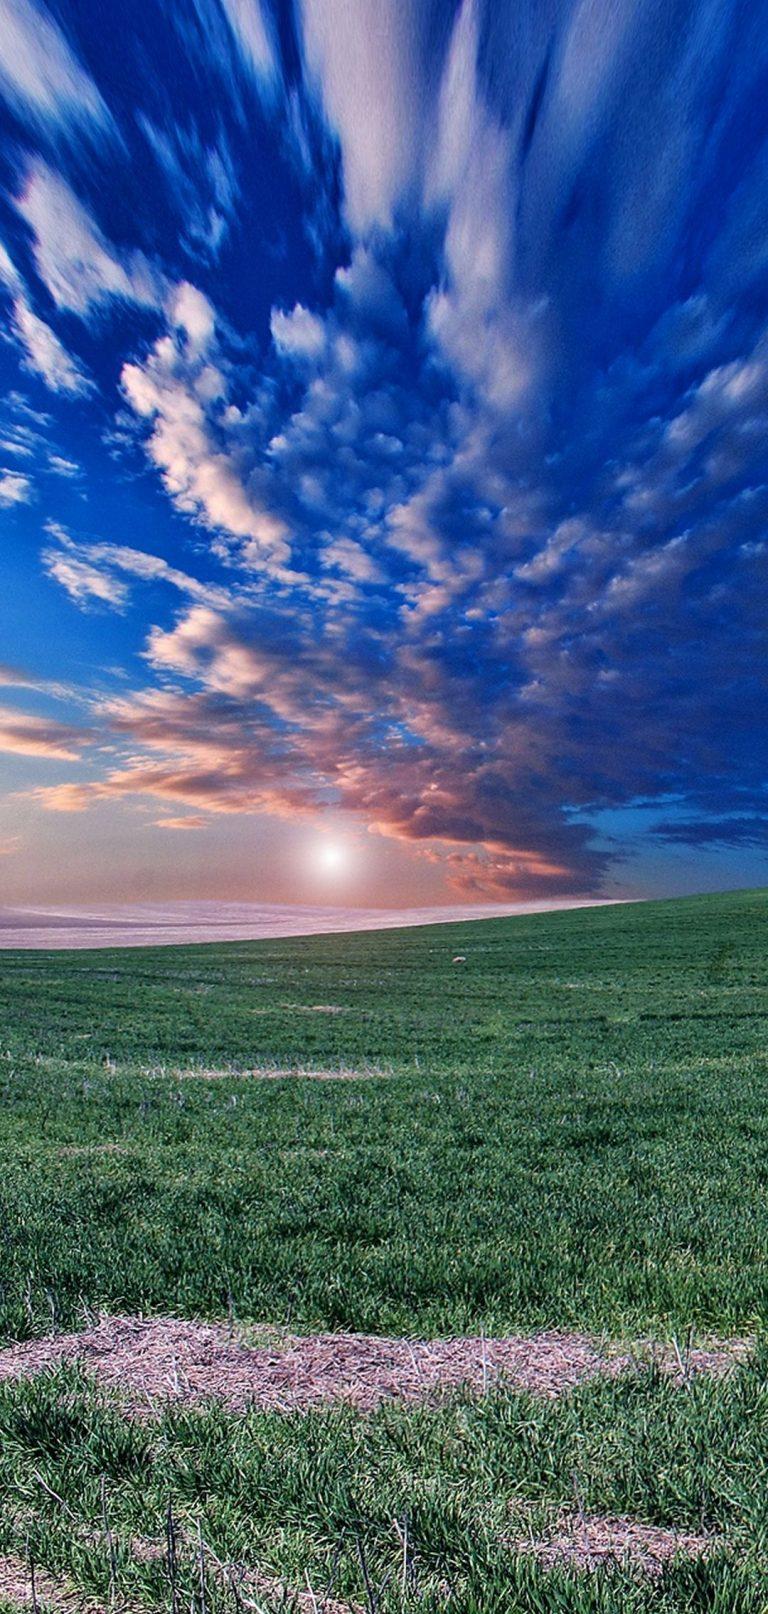 Field Horizon Sky Evening Grass 1080x2270 768x1614